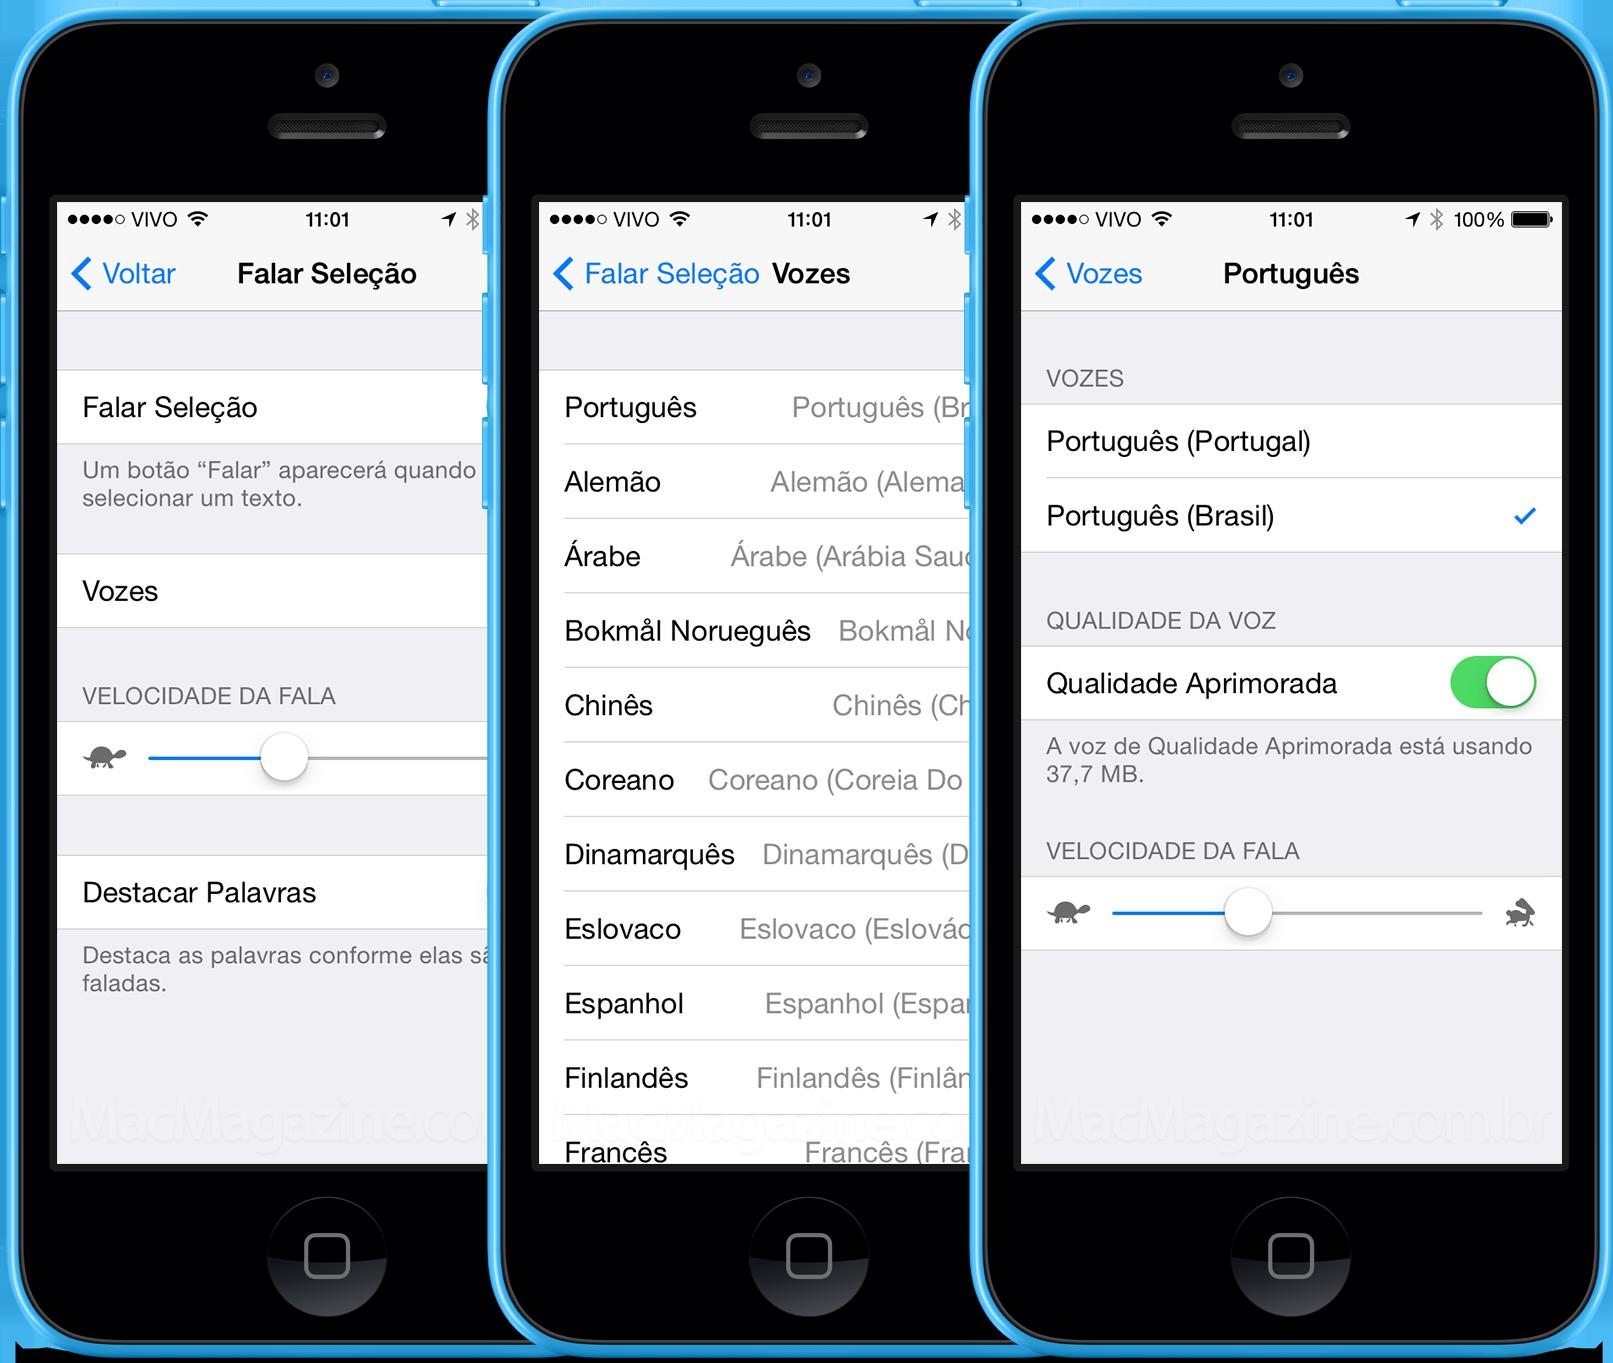 Falar Seleção no iOS